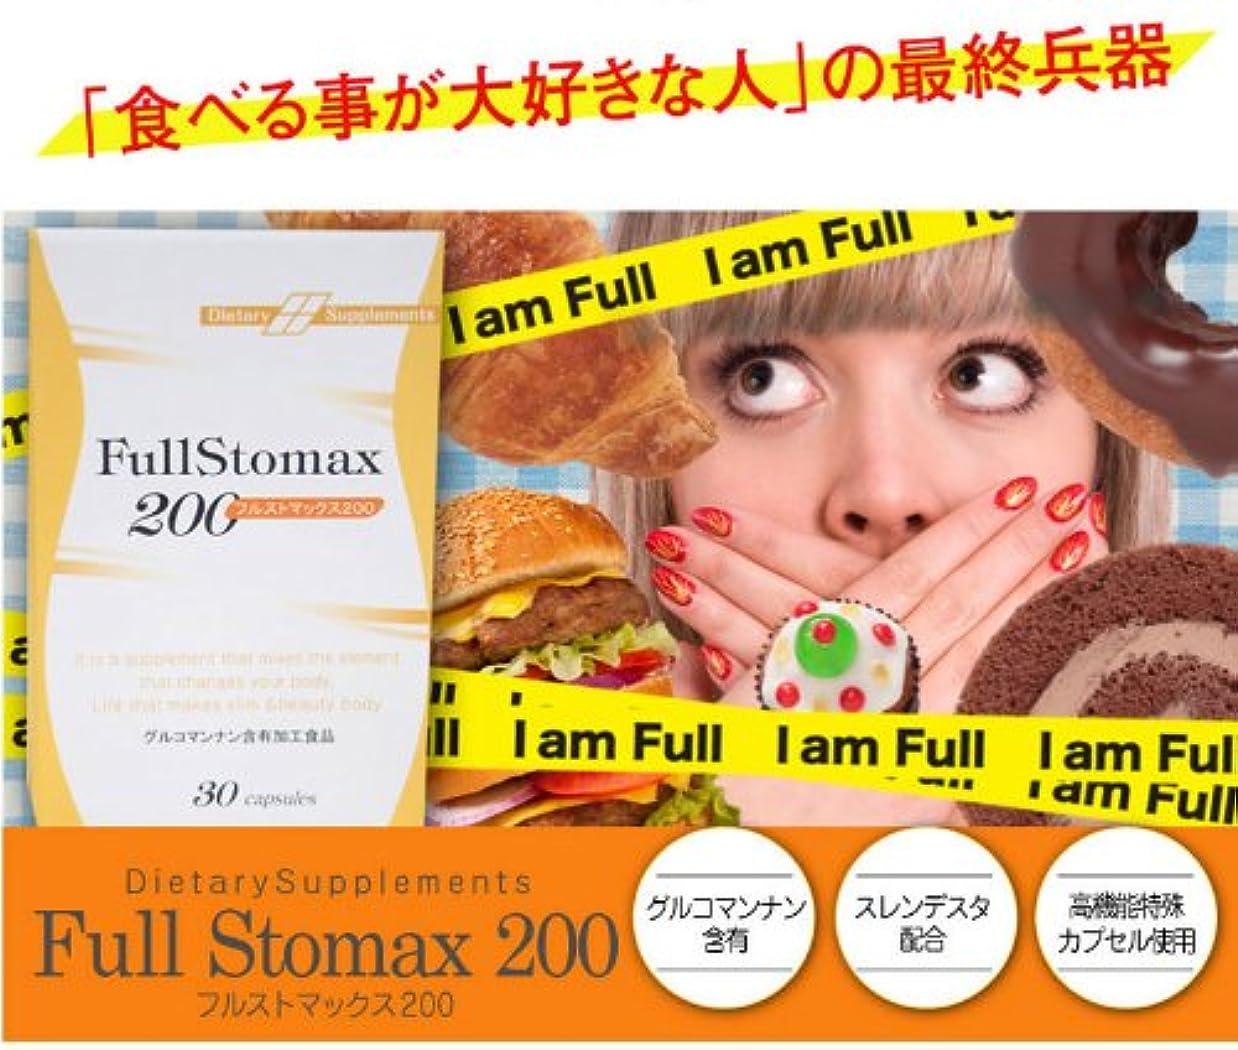 同化コイン内側フルストマックス200 (グルコマンナン配合ダイエットサプリ)